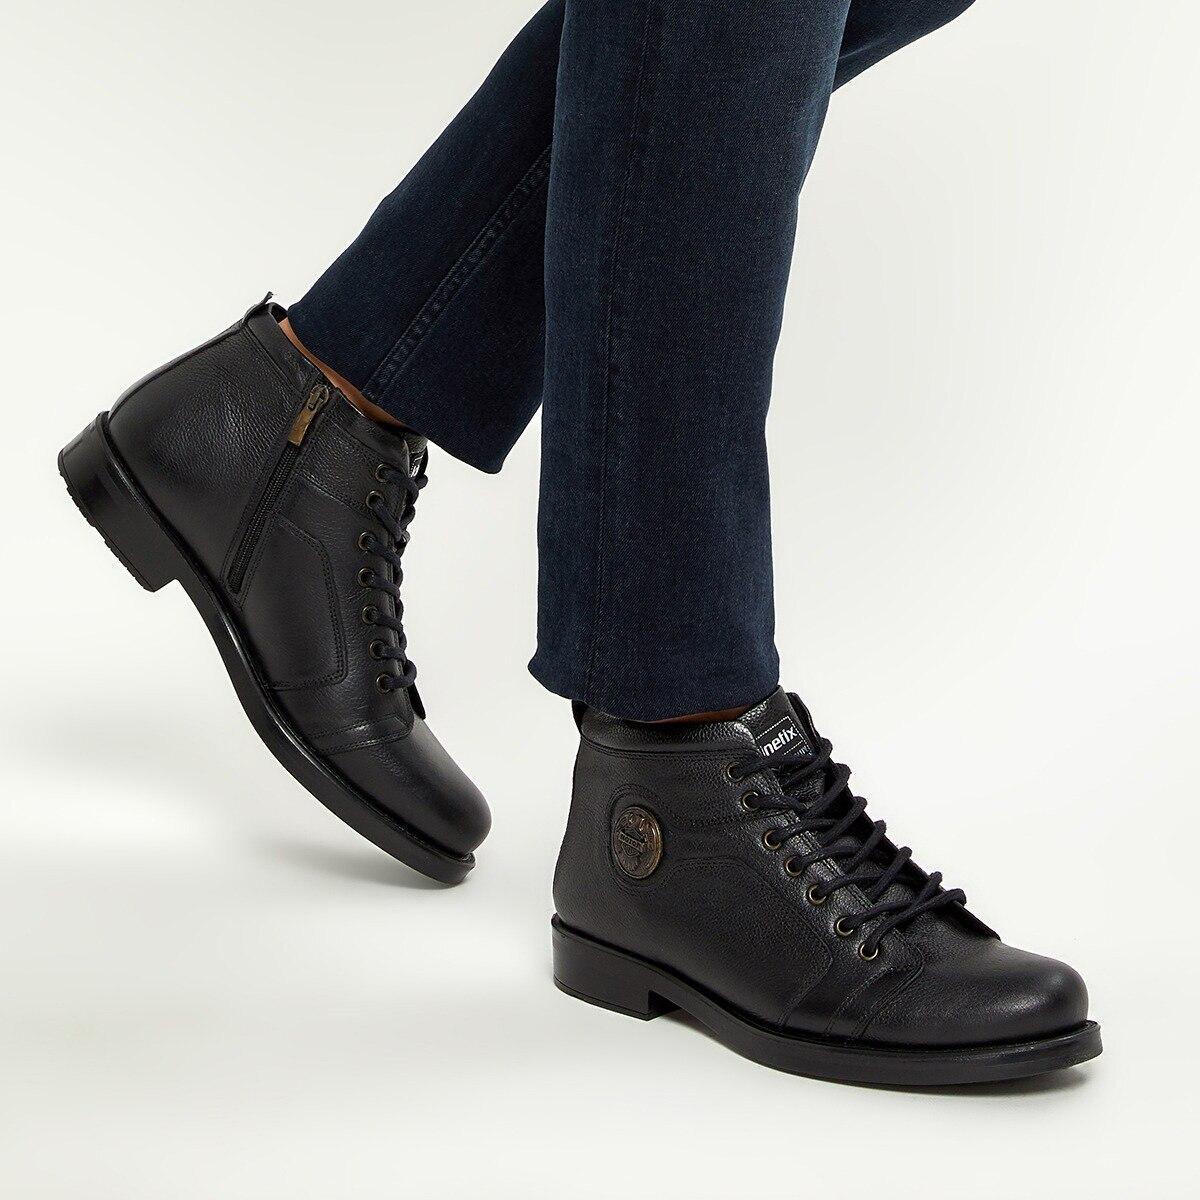 FLO KOMPAN czarne męskie buty KINETIX